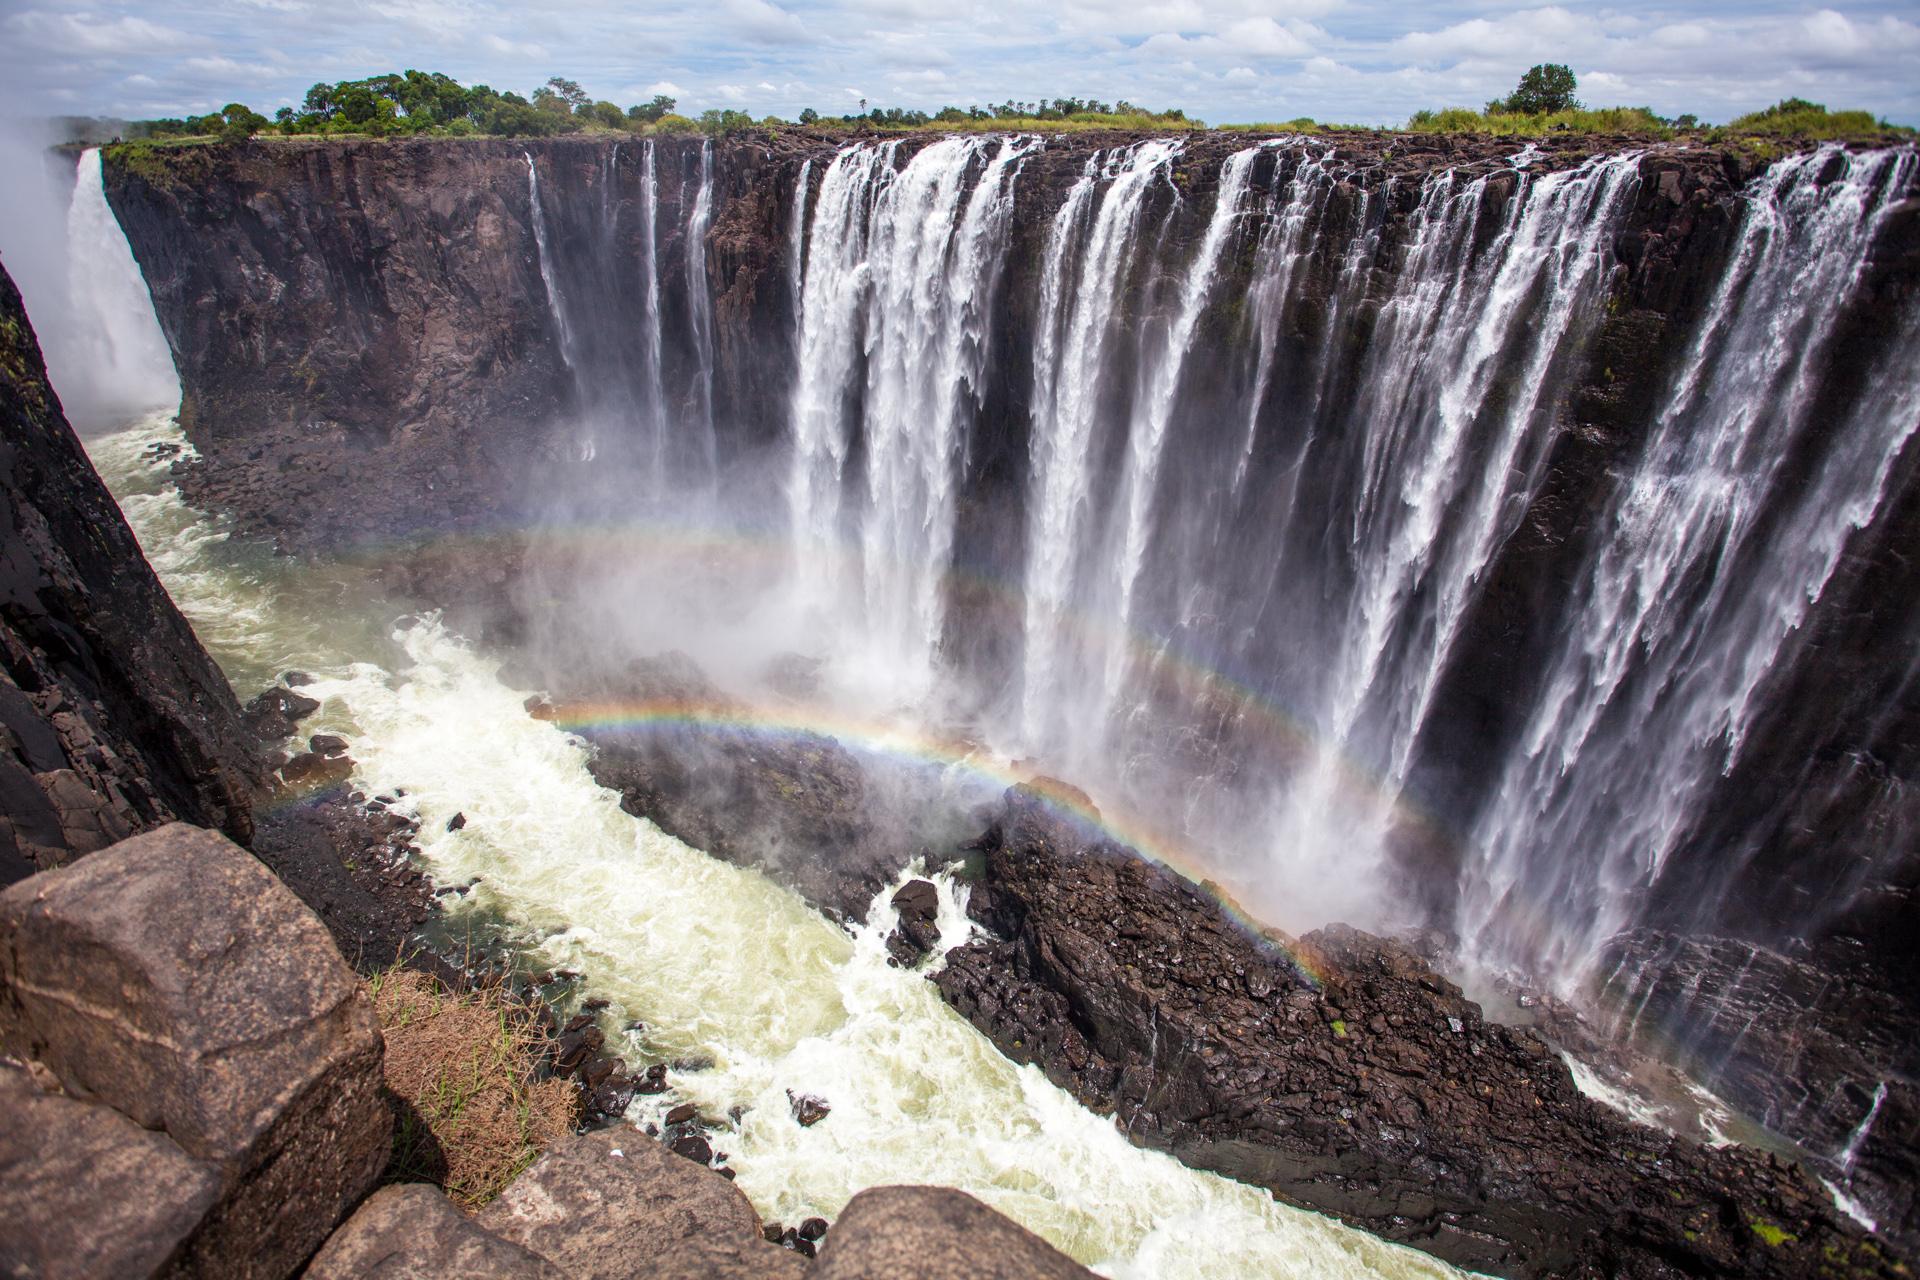 7- Victoria Falls (Zambia and Zimbabwe)